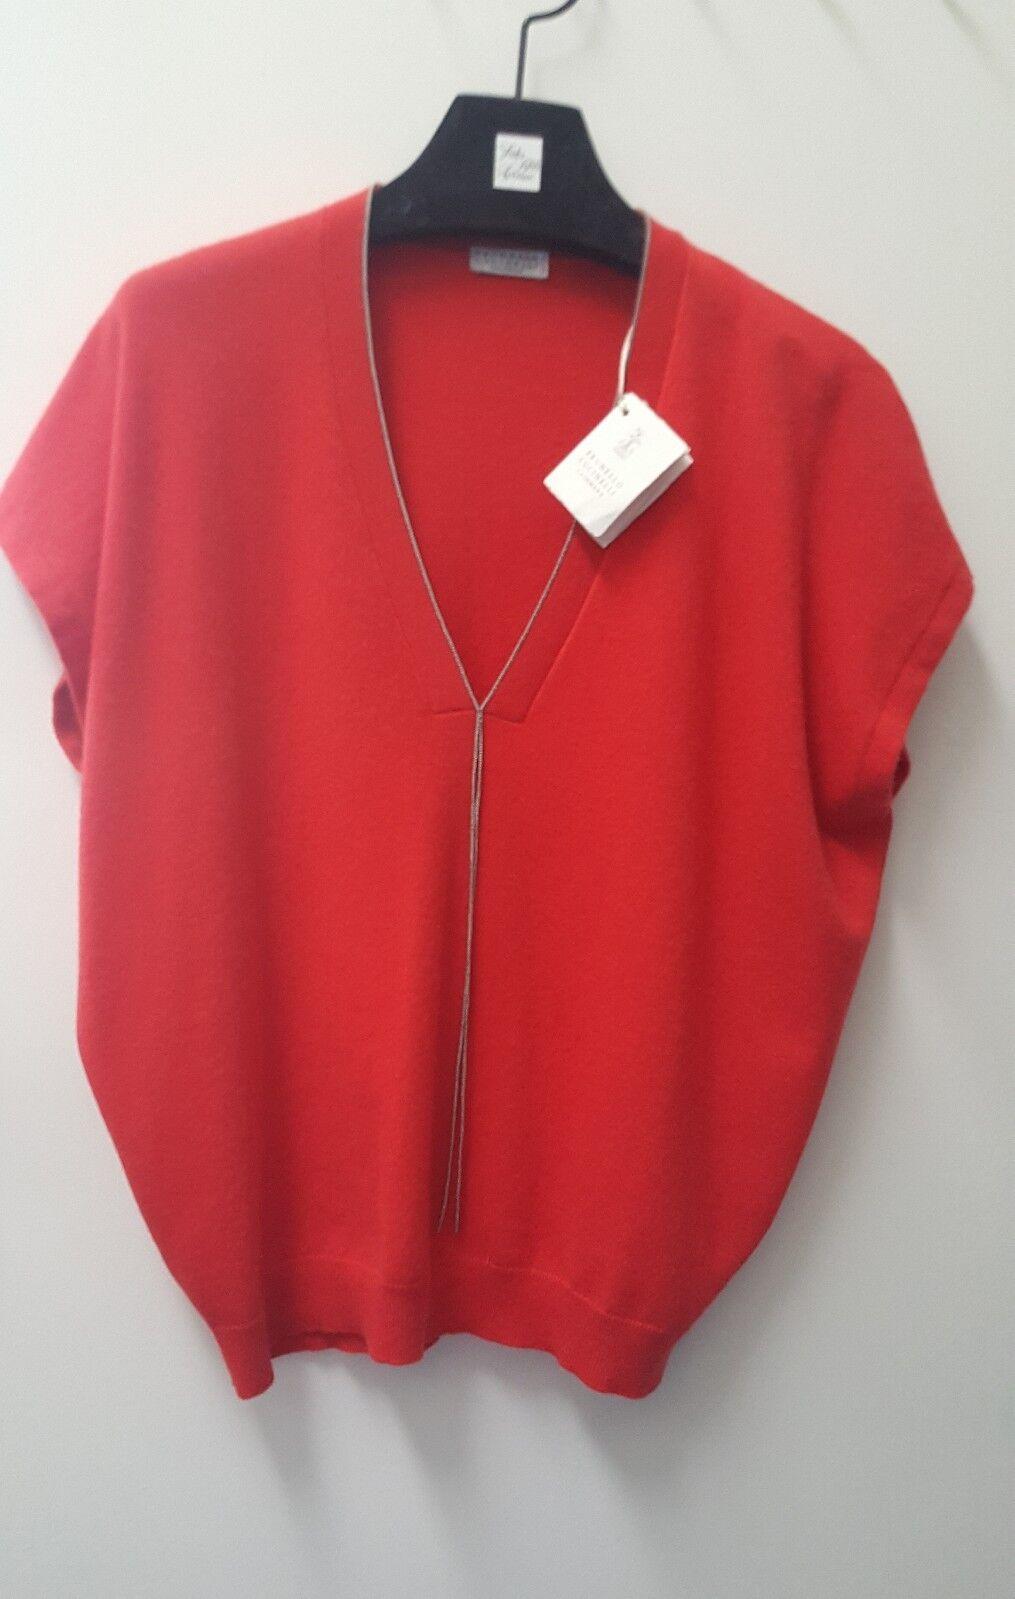 NEW NEW NEW BRUNELLO CUCINELLI Sleeveless Sweater, Größe L 3ef